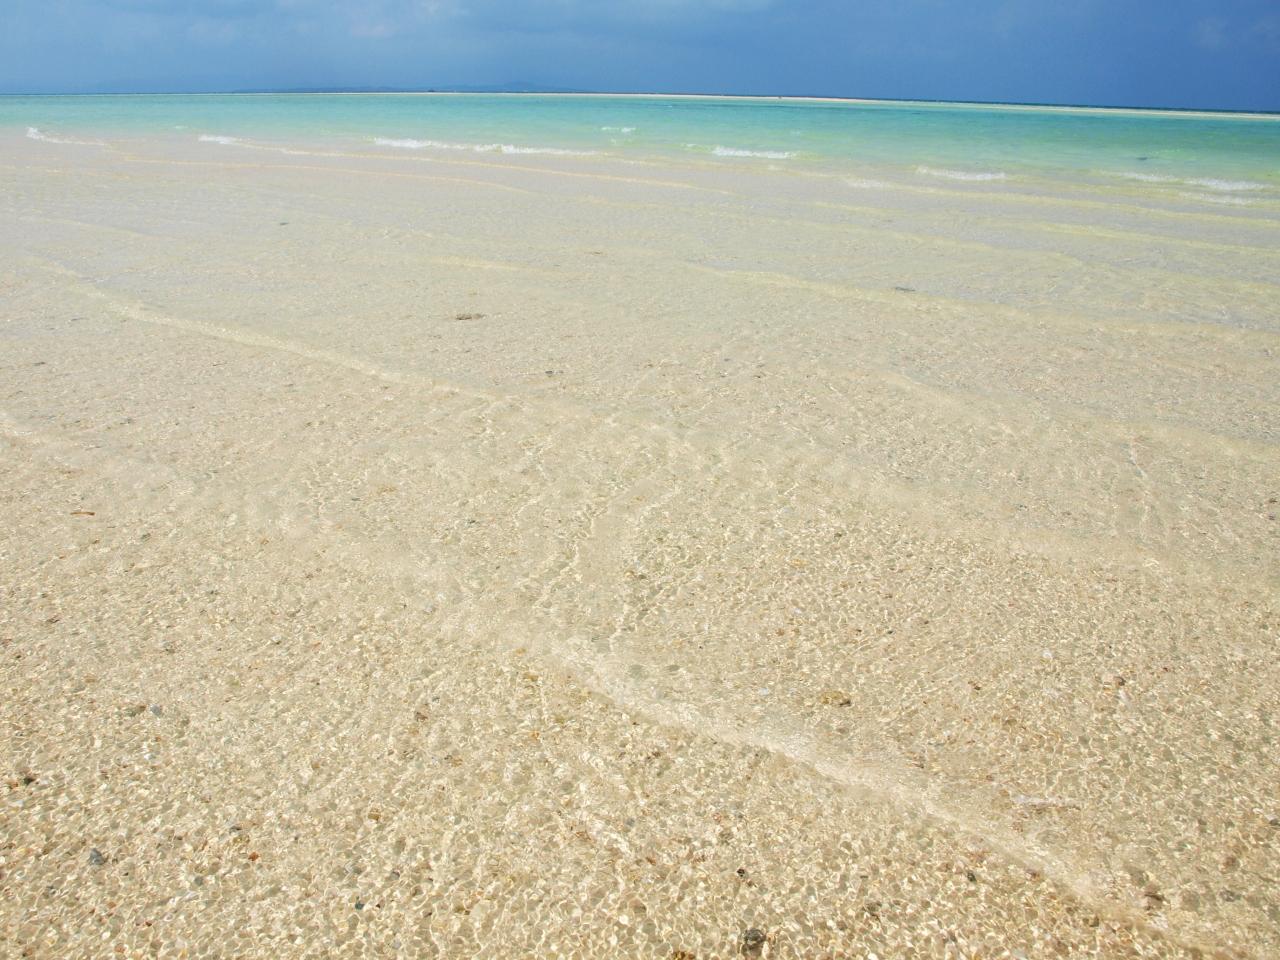 光る白砂とどこまでも続く夢のよ...